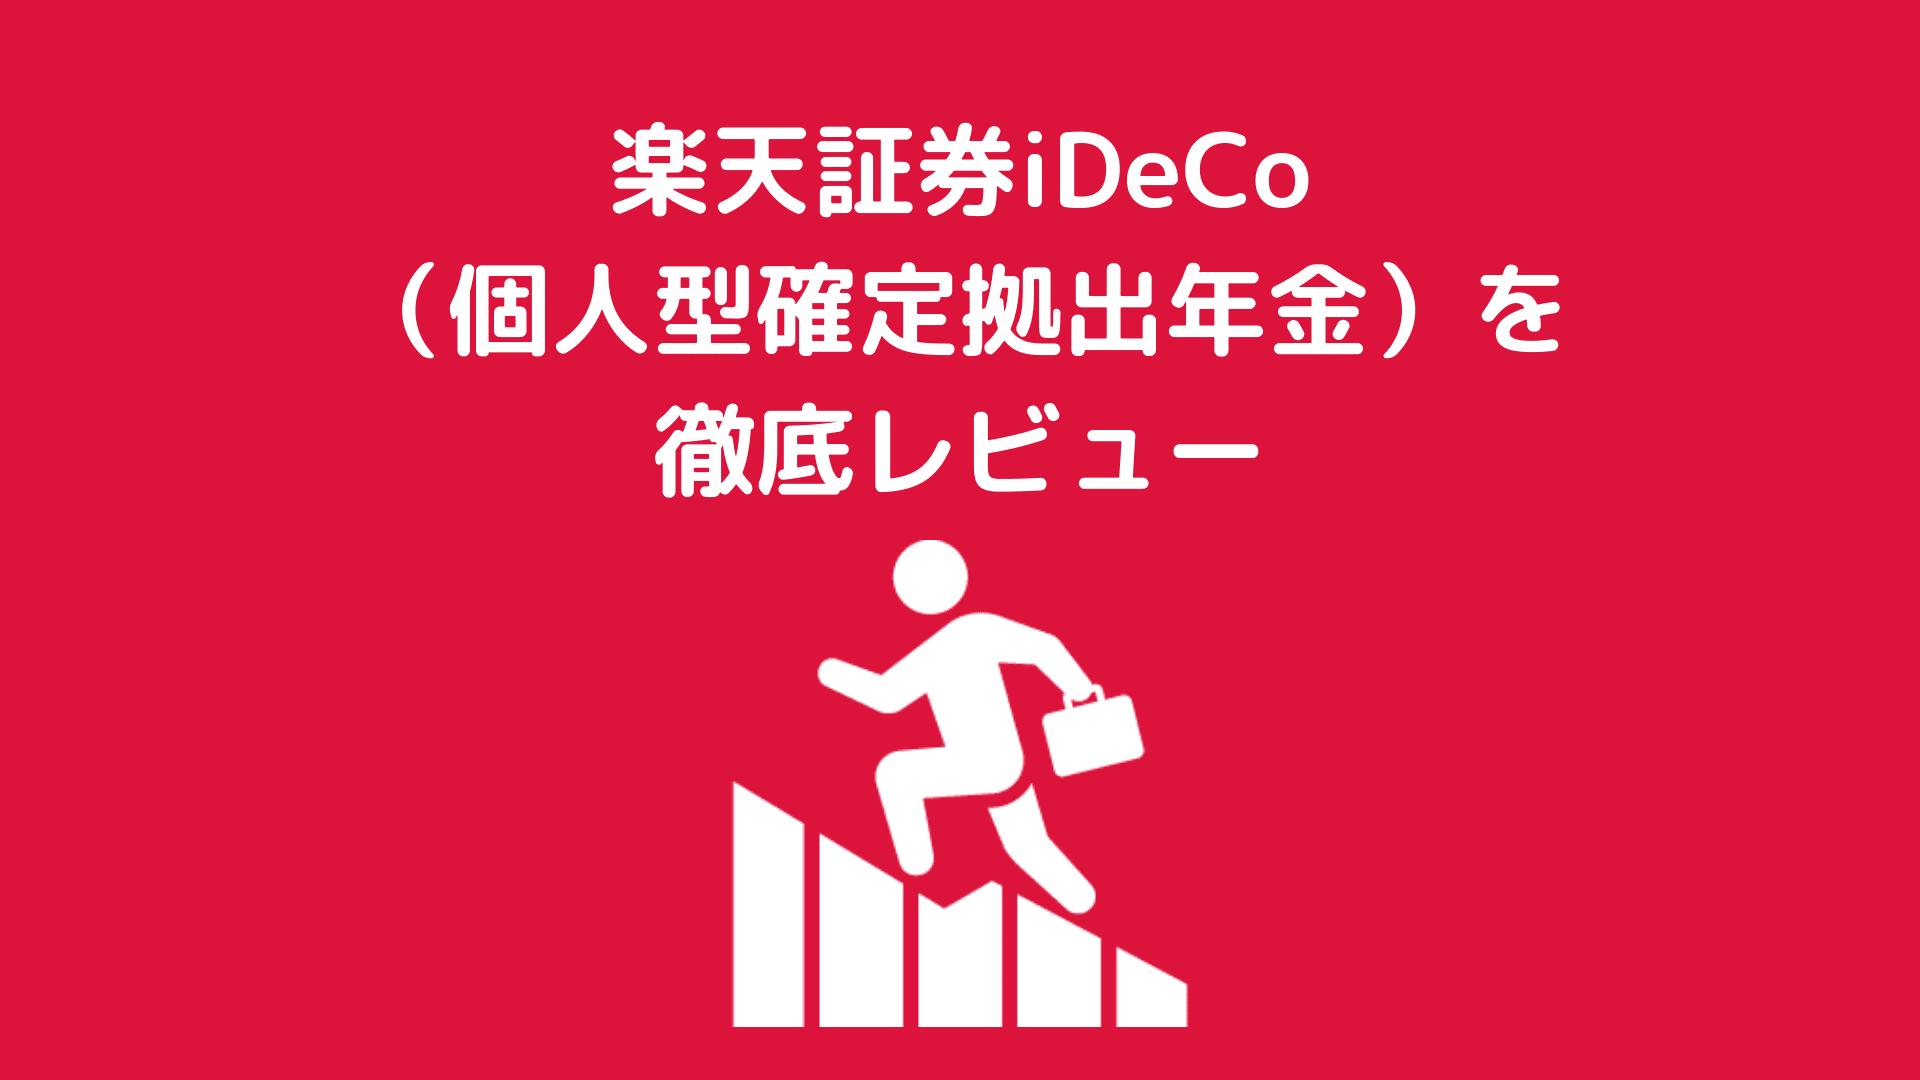 楽天証券iDeCoを徹底レビュー